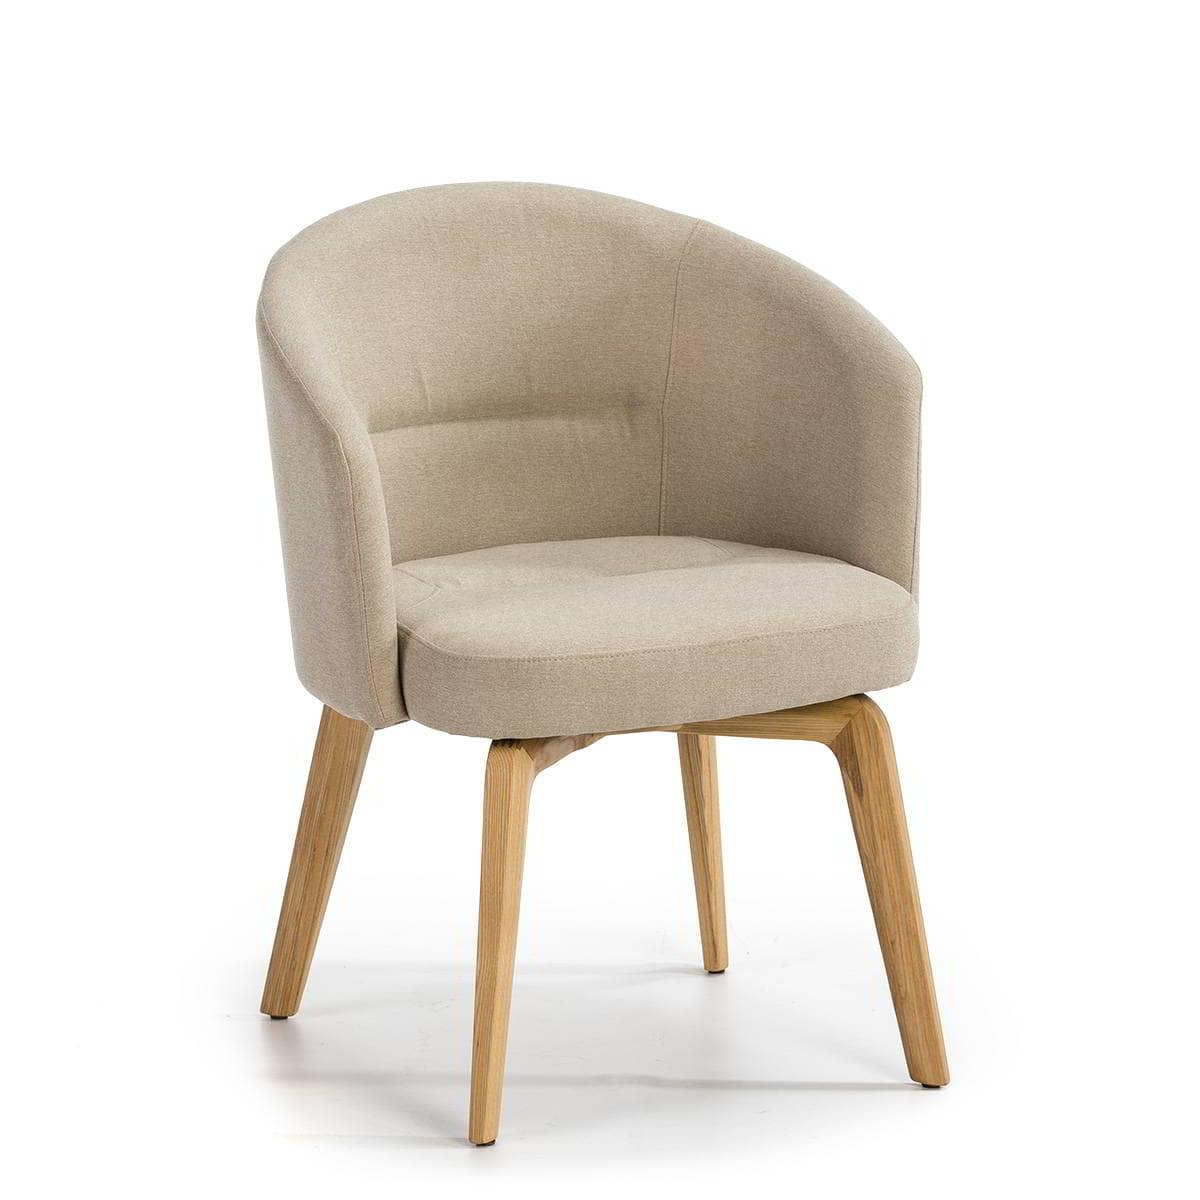 silla beige con patas en madera natural